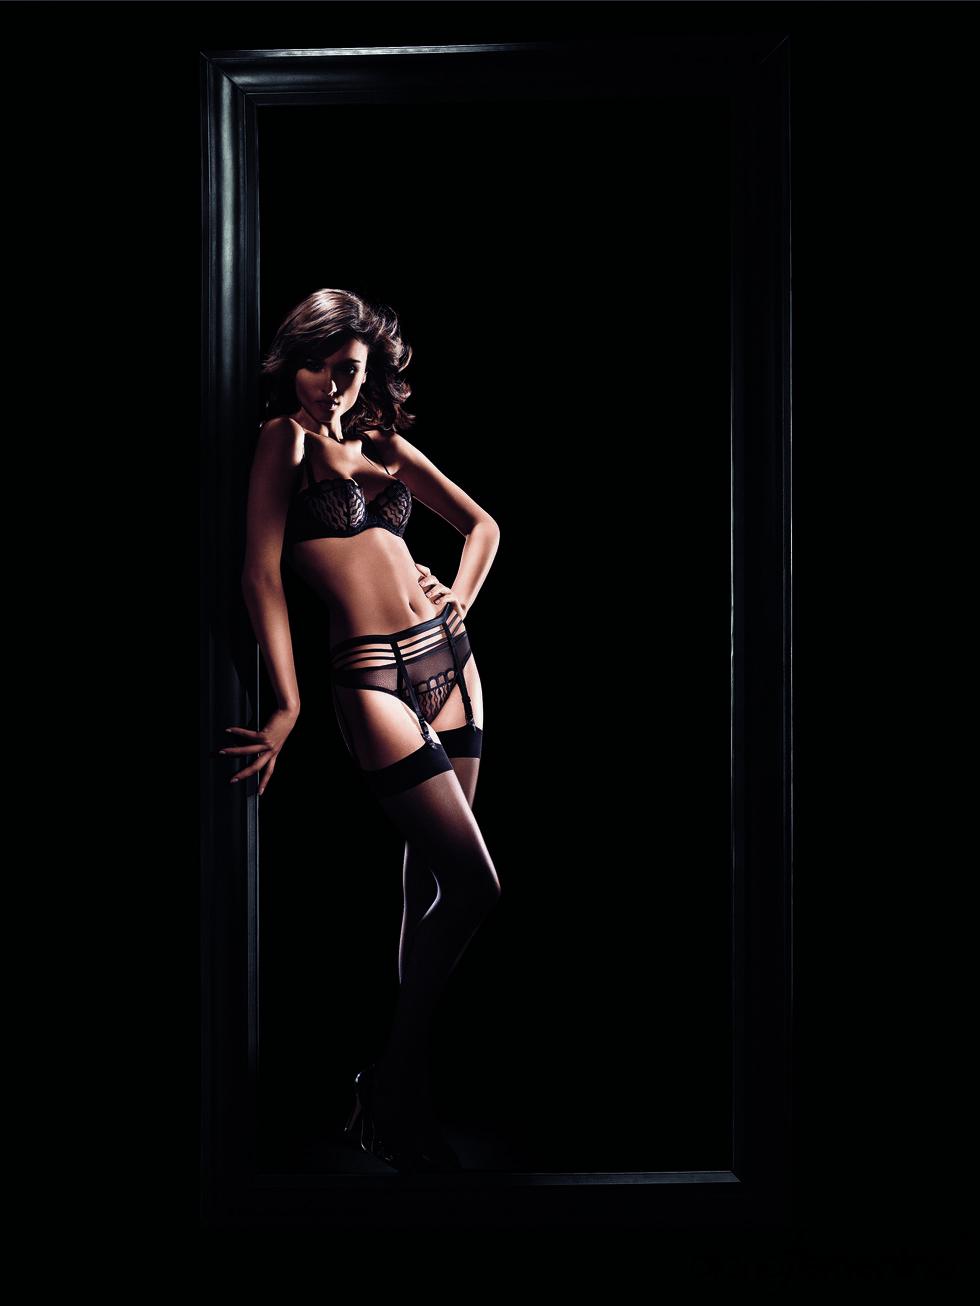 Conjunto de lencería negro con liguero de la colección otoño-invierno 2011-2012 de la firma Implicite